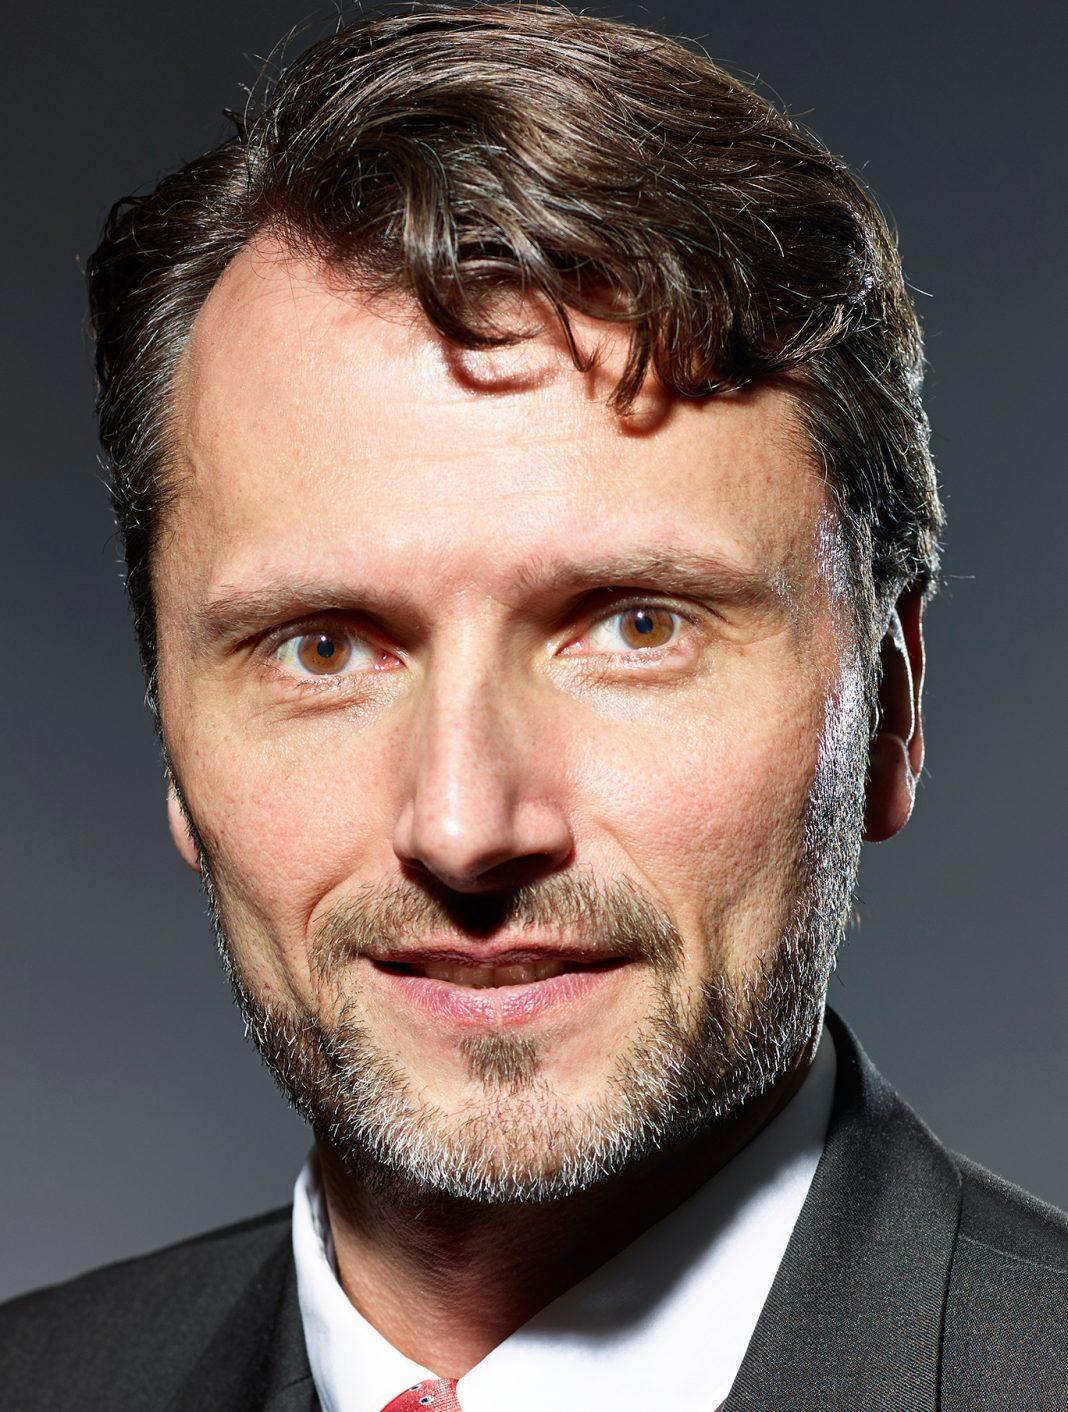 Hans Joachim Theiß, SMT Scharf AG